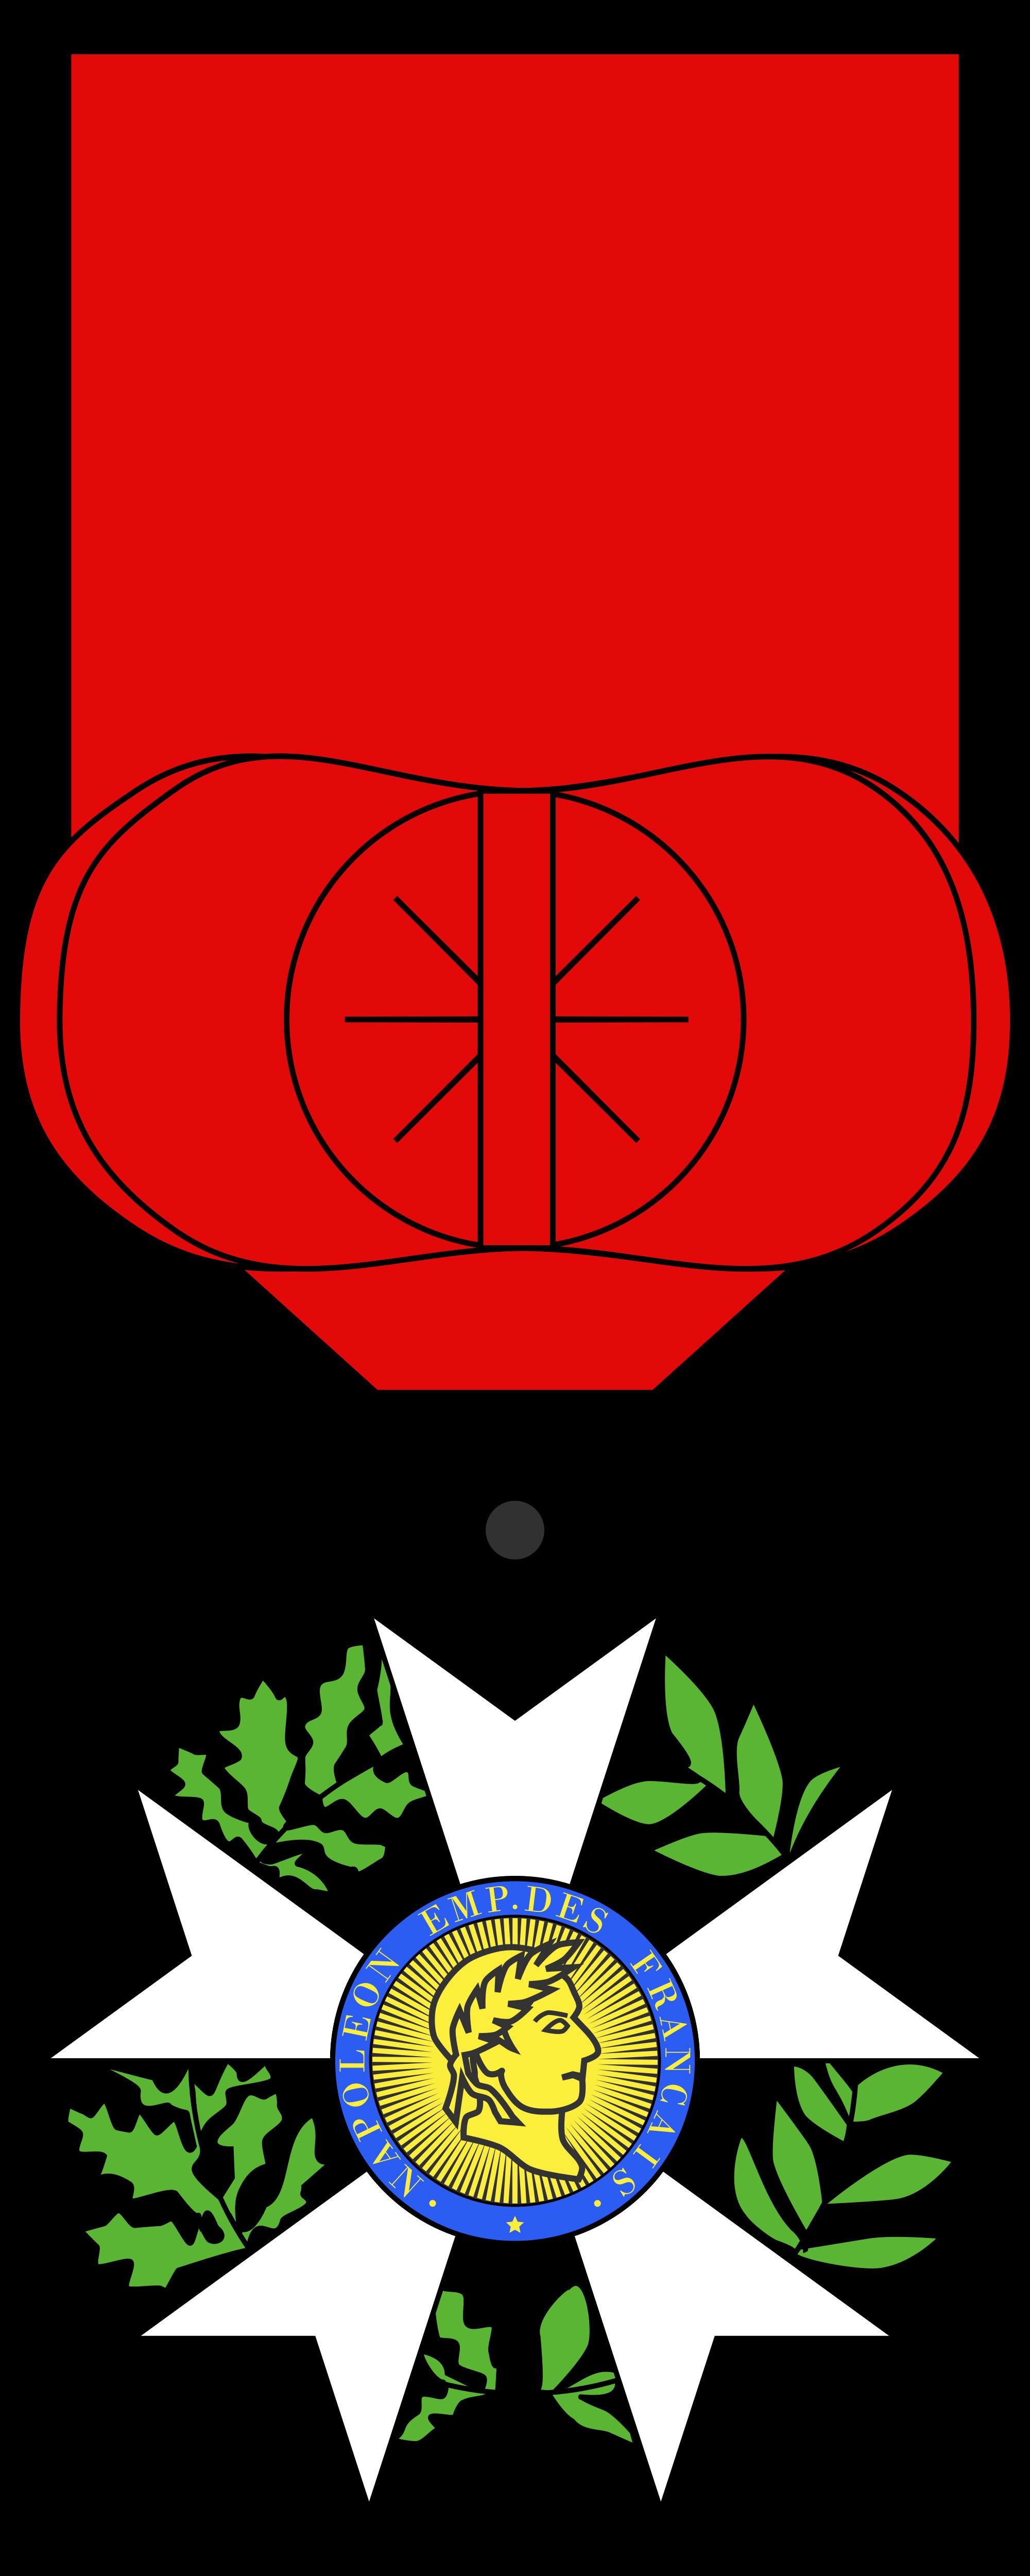 File:Légion d'honneur Chevalier Type 1.svg.